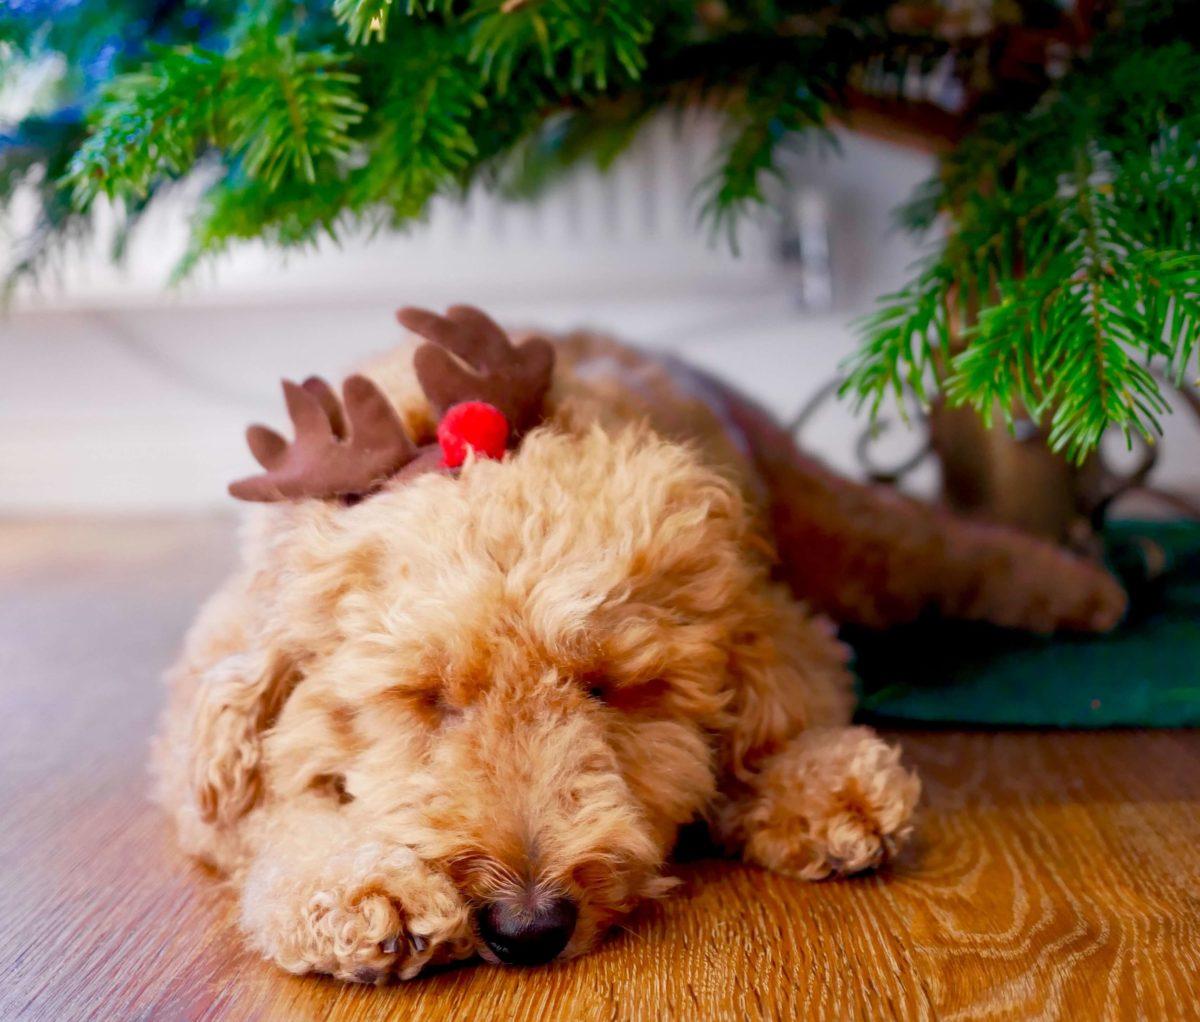 Keep your dog safe during Christmas